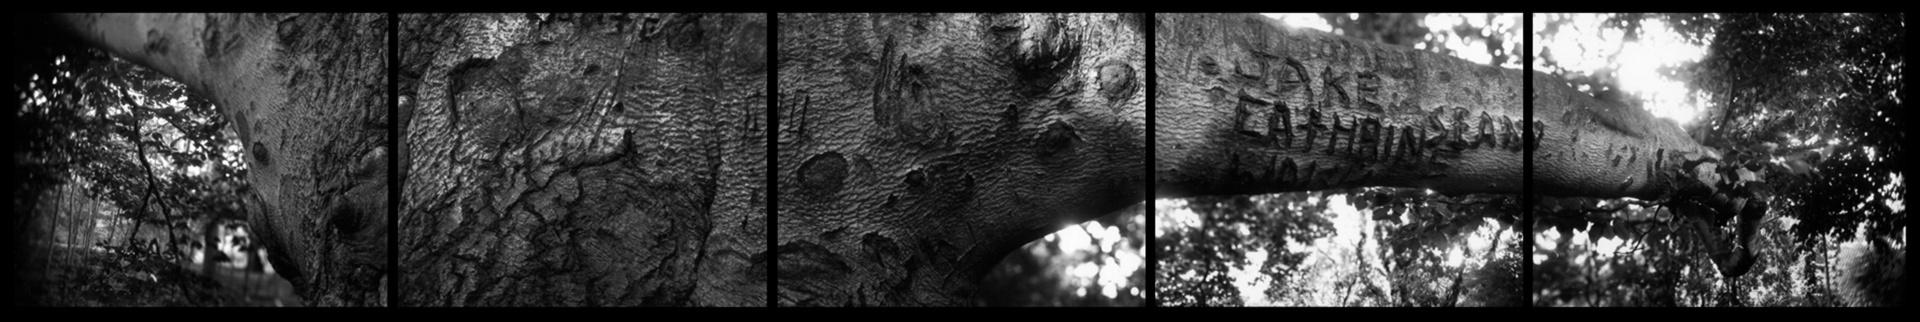 Branch8-7-98 copy.jpg